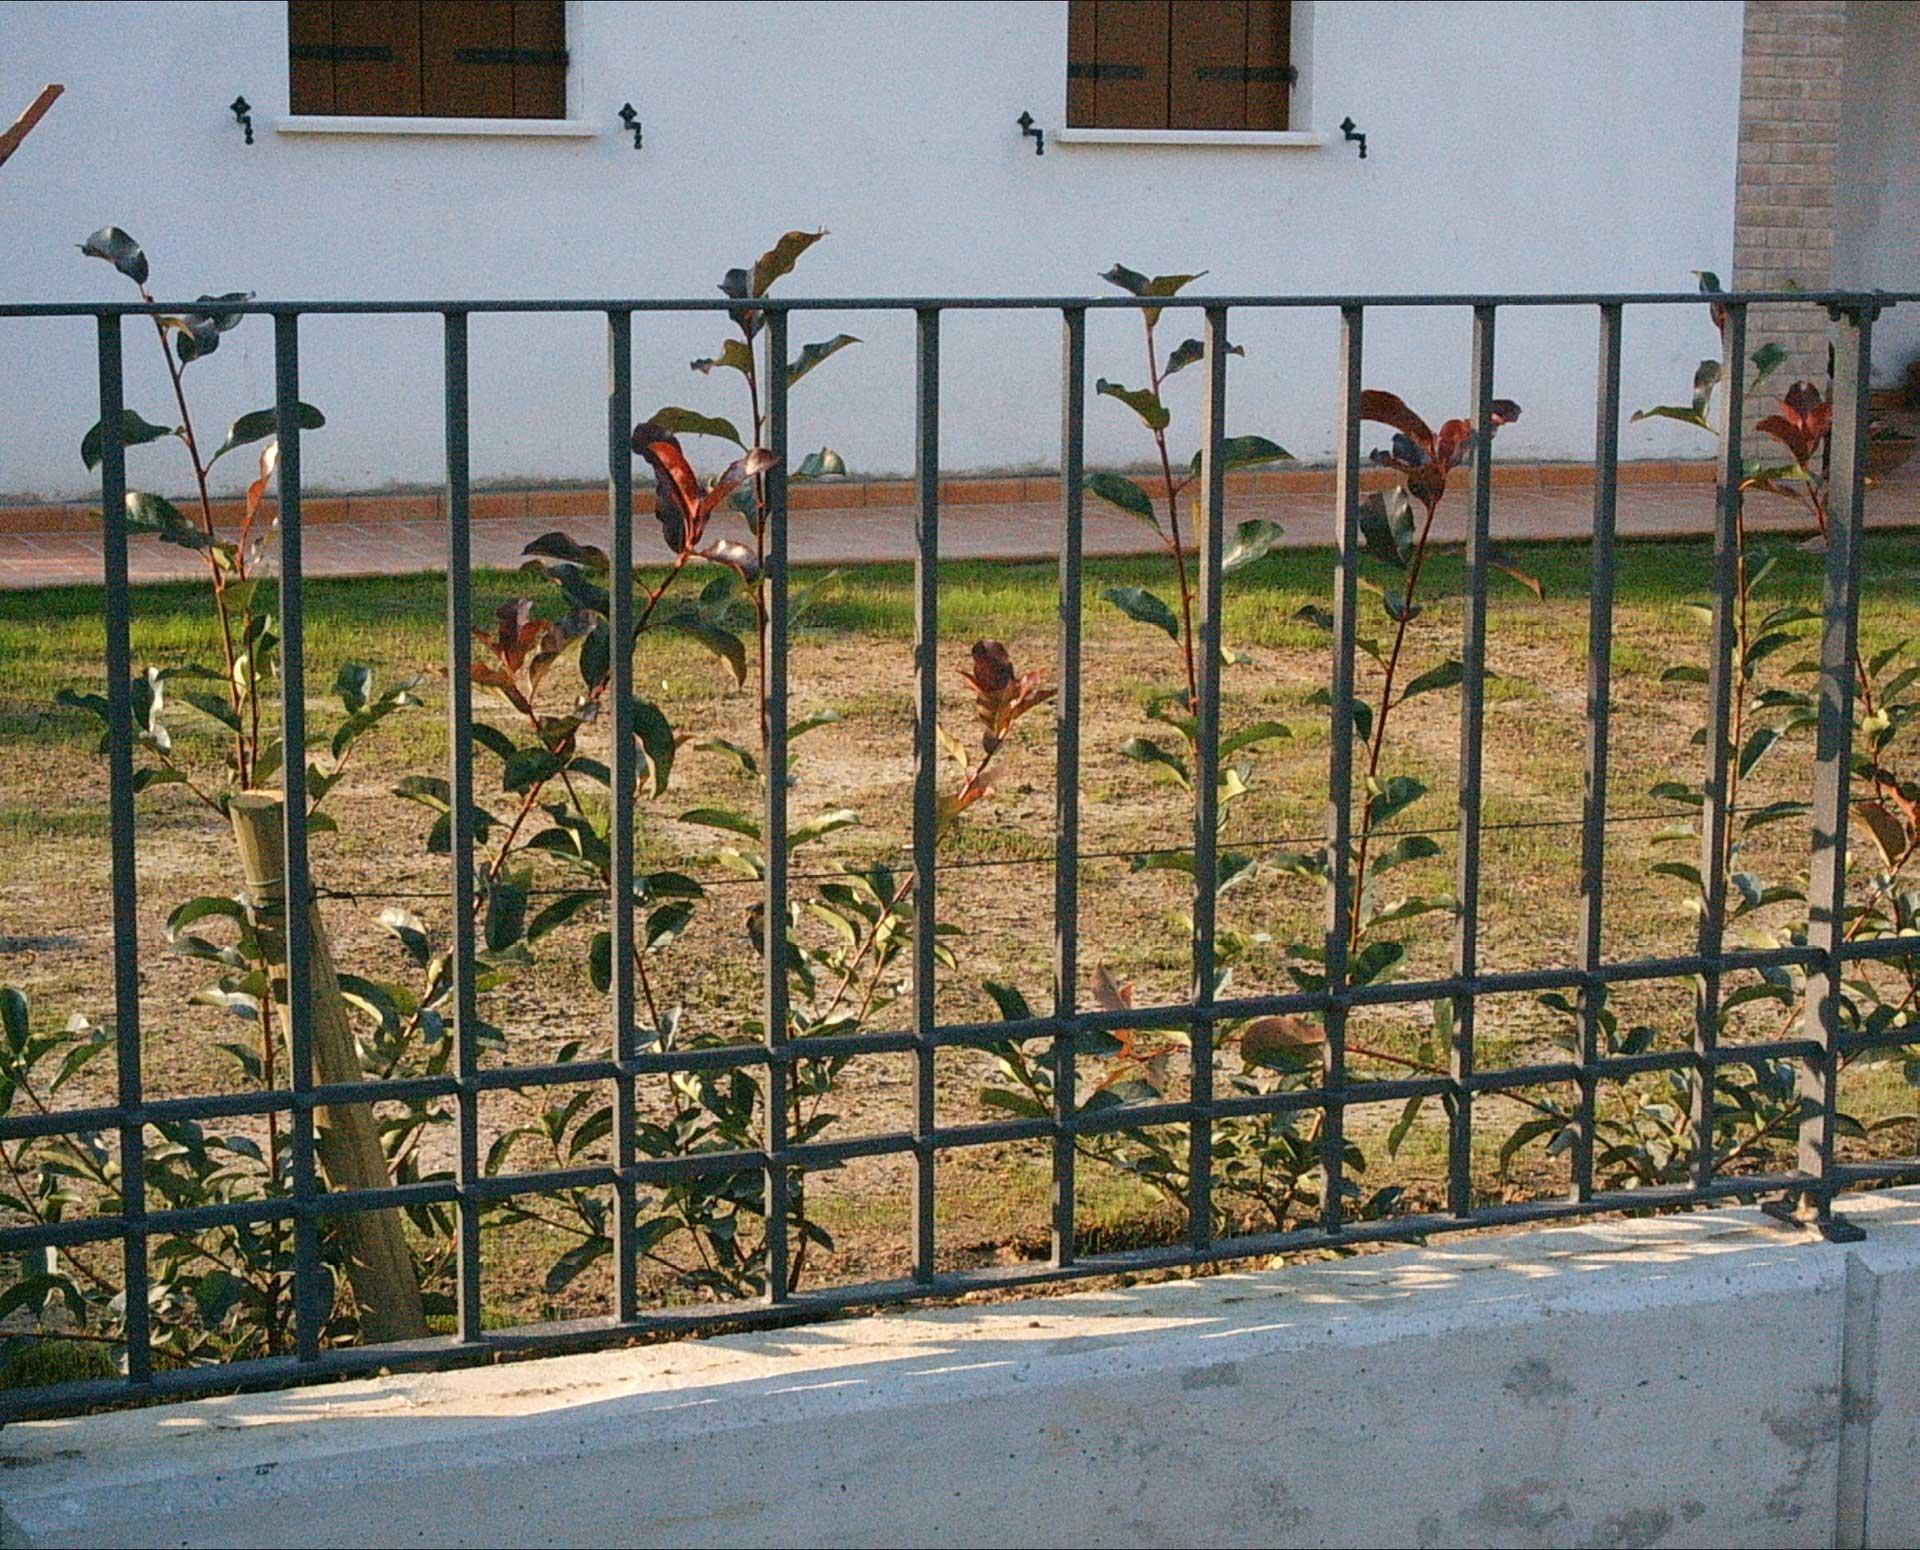 Free album recinzioni esterne with recinzioni esterne - Pannelli recinzione leroy merlin ...